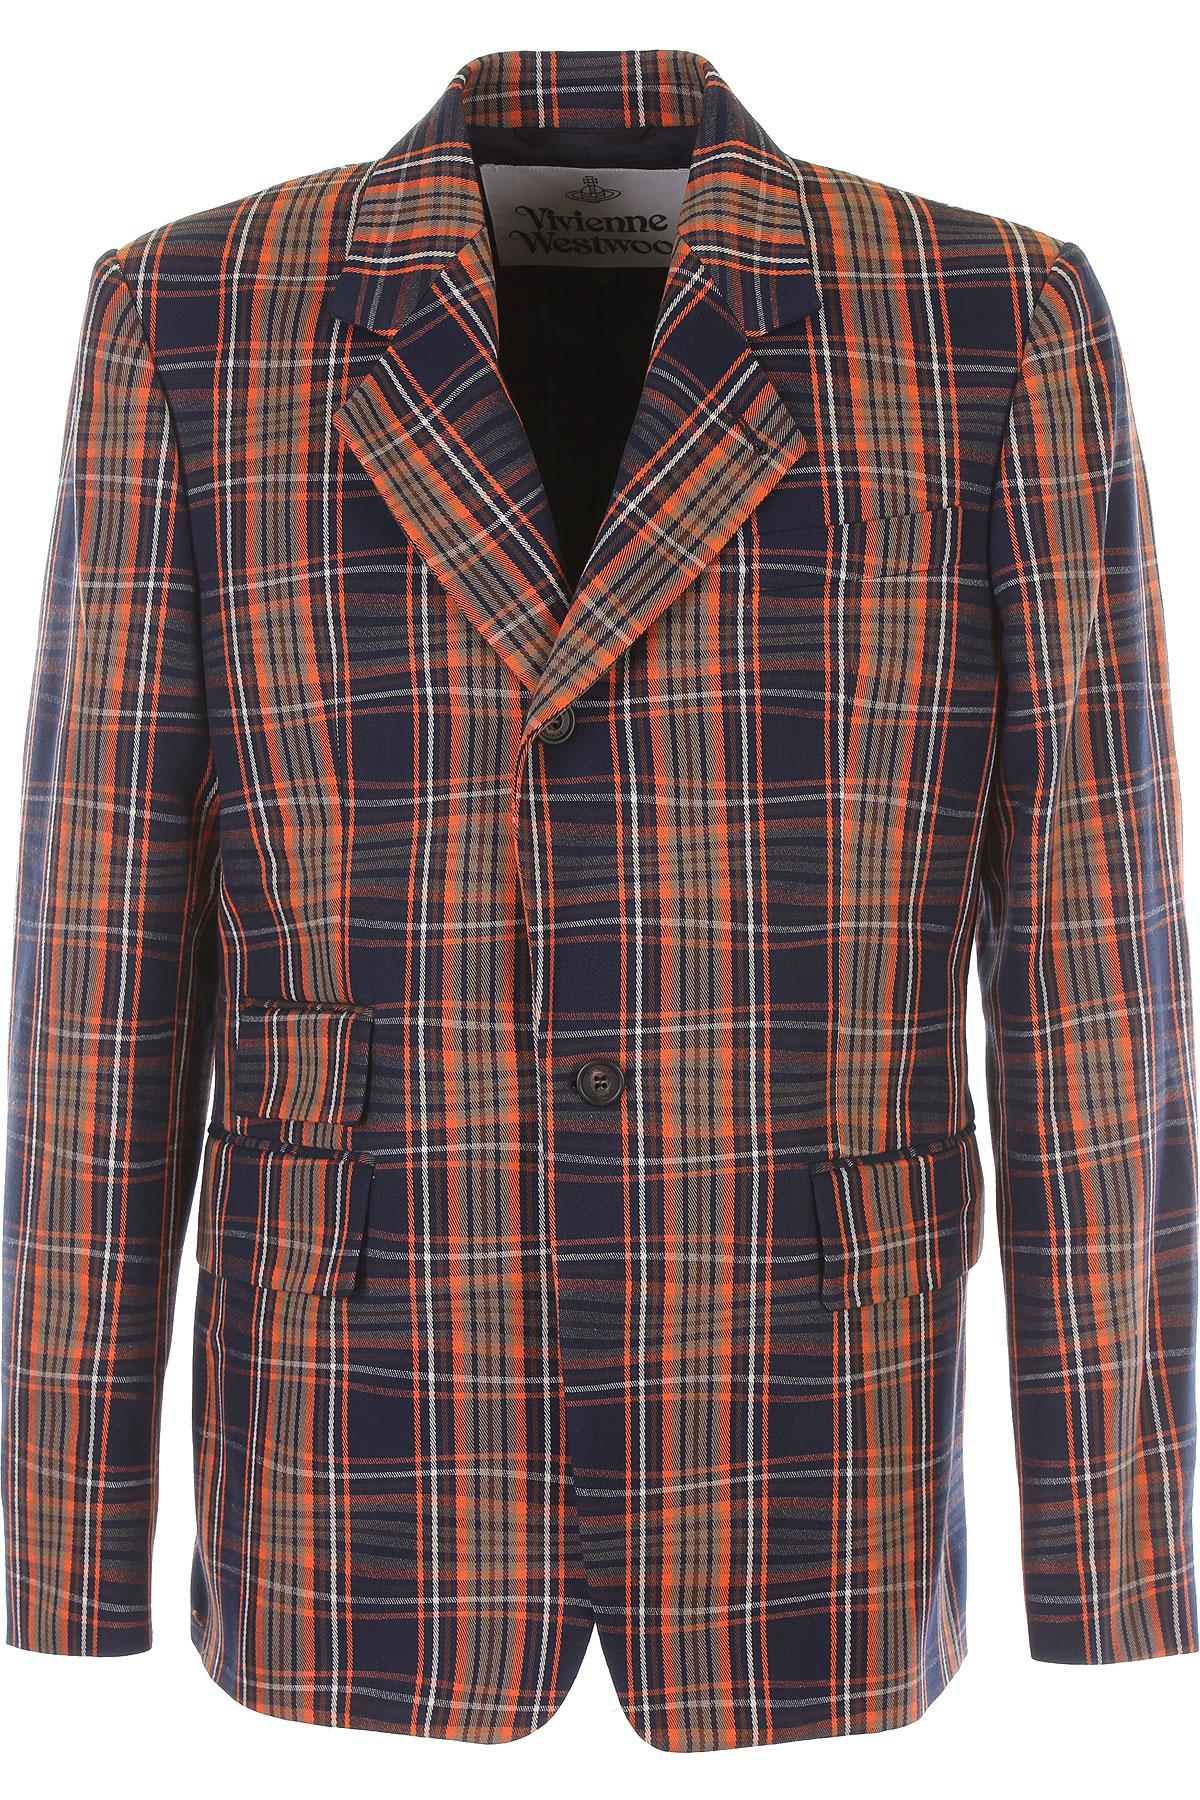 Vivienne Westwood Blazer for Men, Sport Coat On Sale, Denim Blue, Cotton, 2019, L M S XL